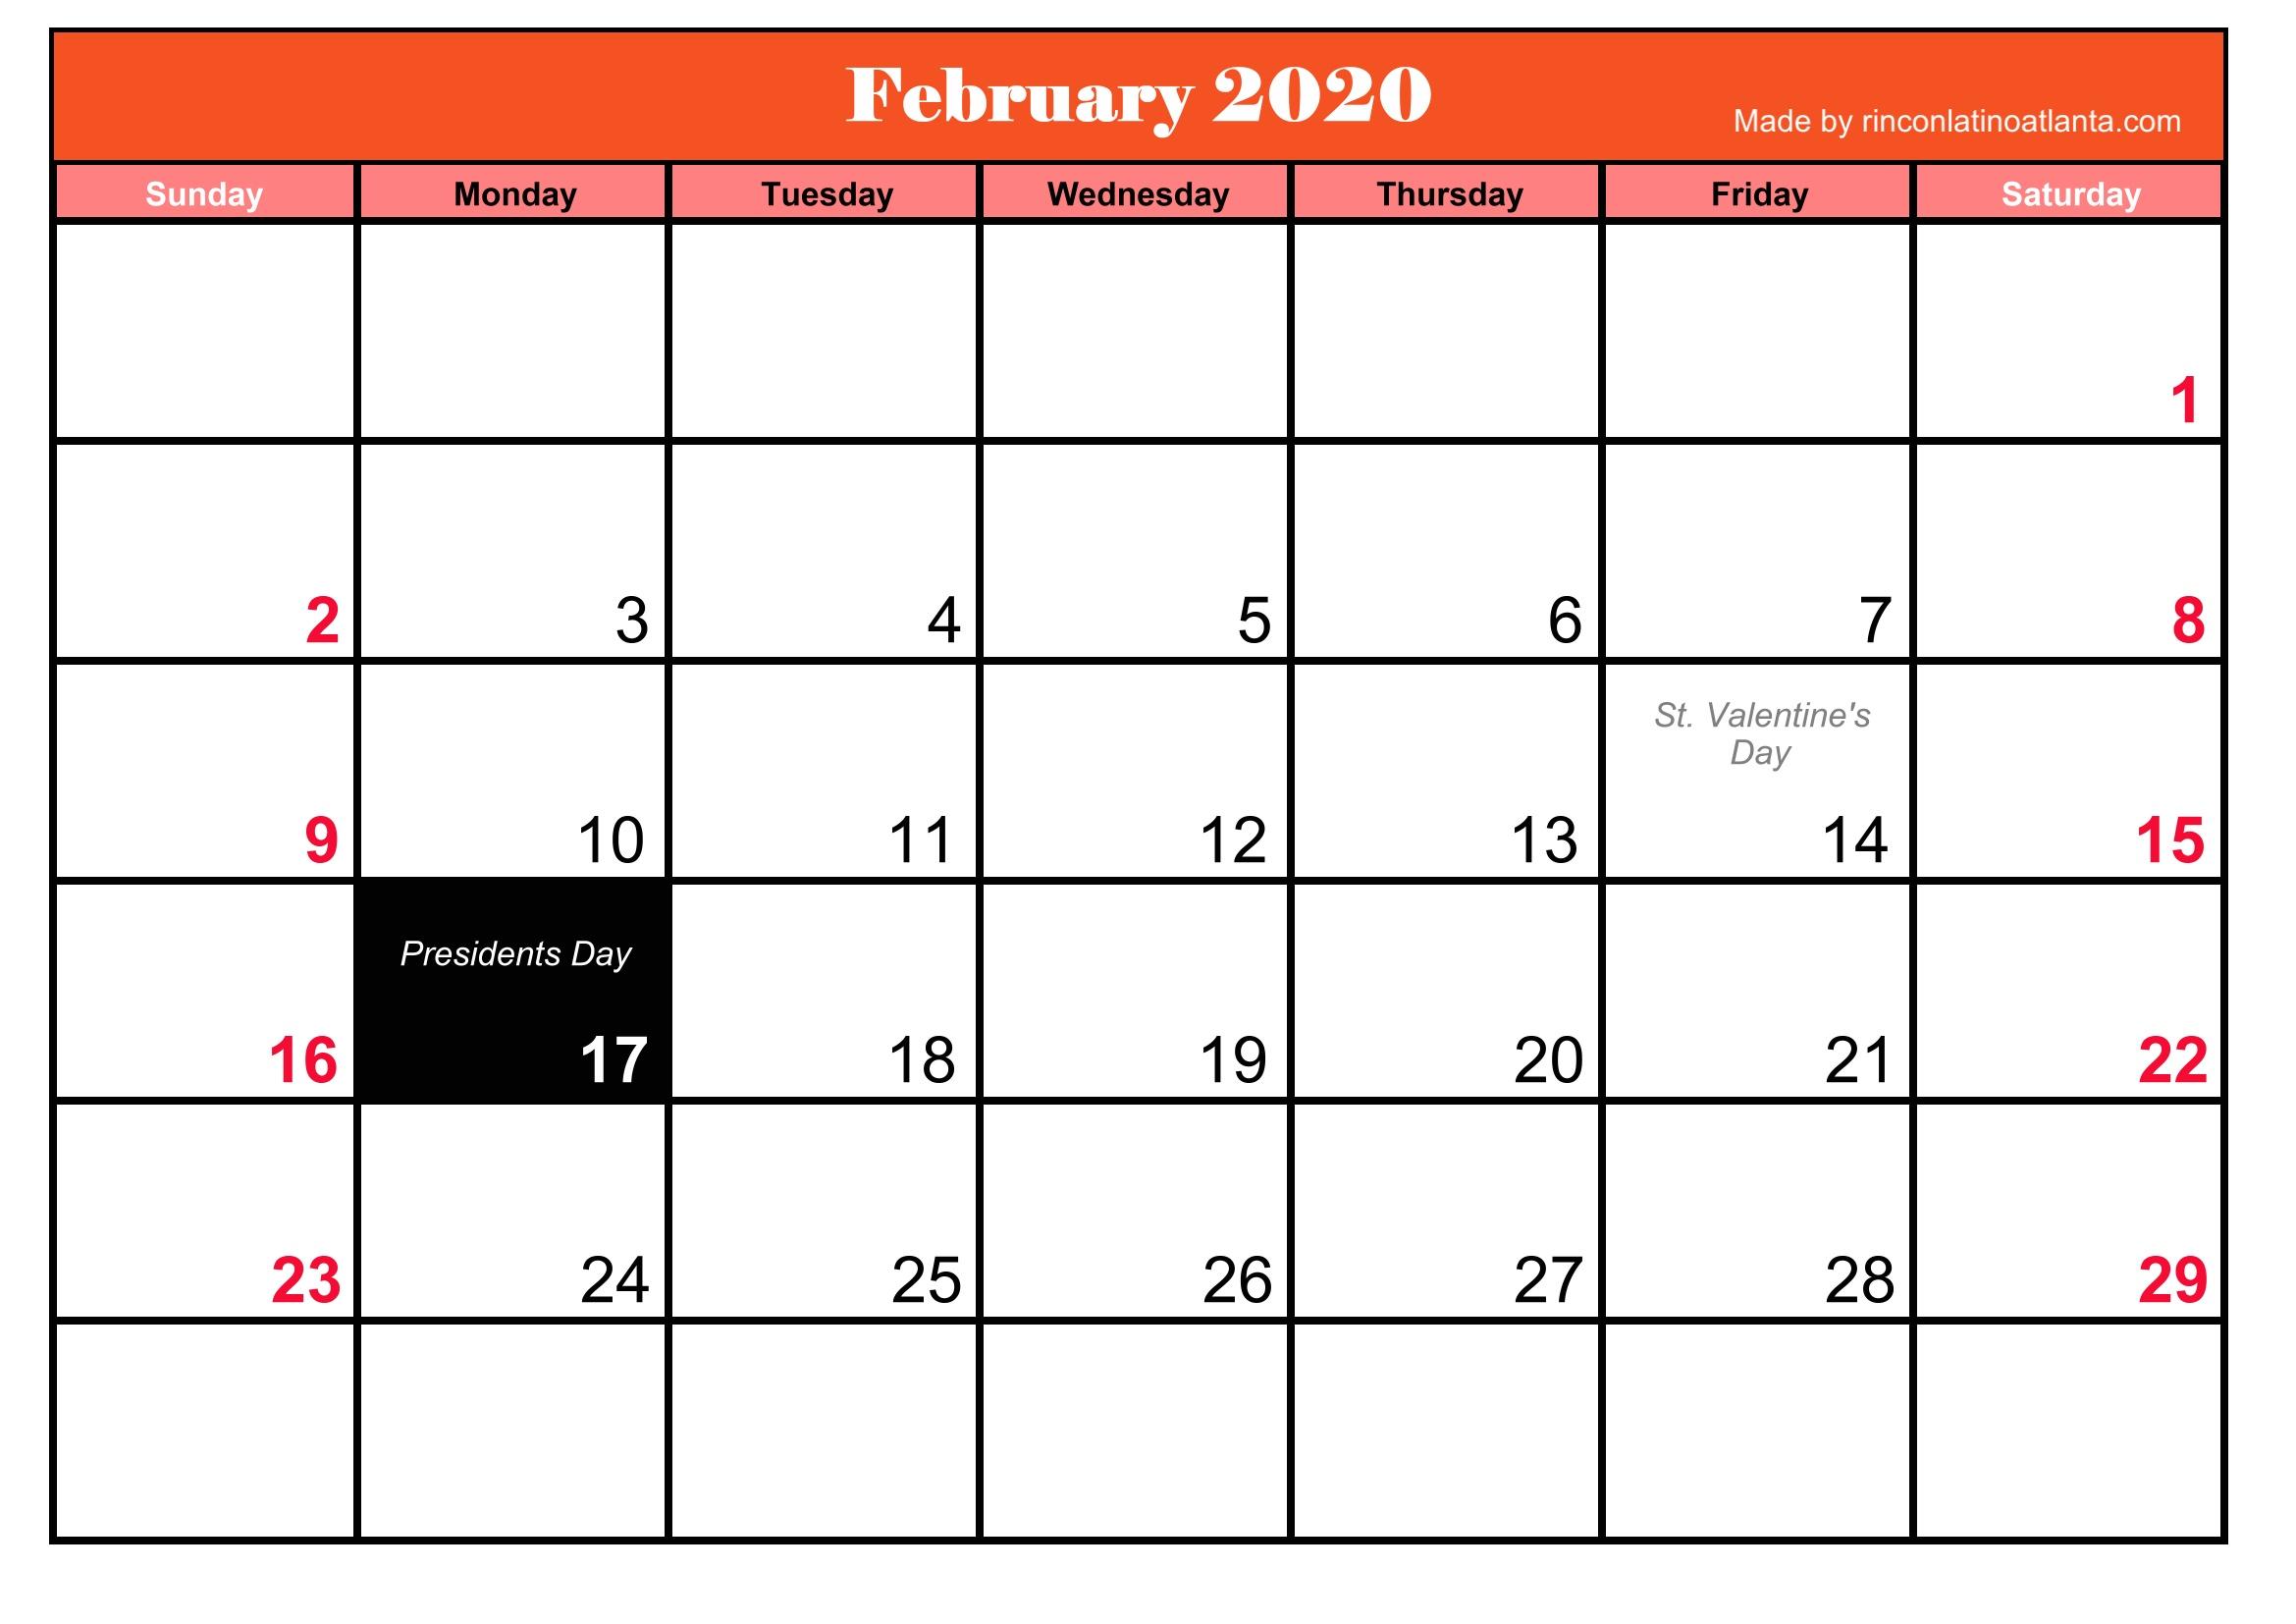 February 2020 Calendar Free Food Printable Frebruary 2020 Calendar With Holidays | Calendar